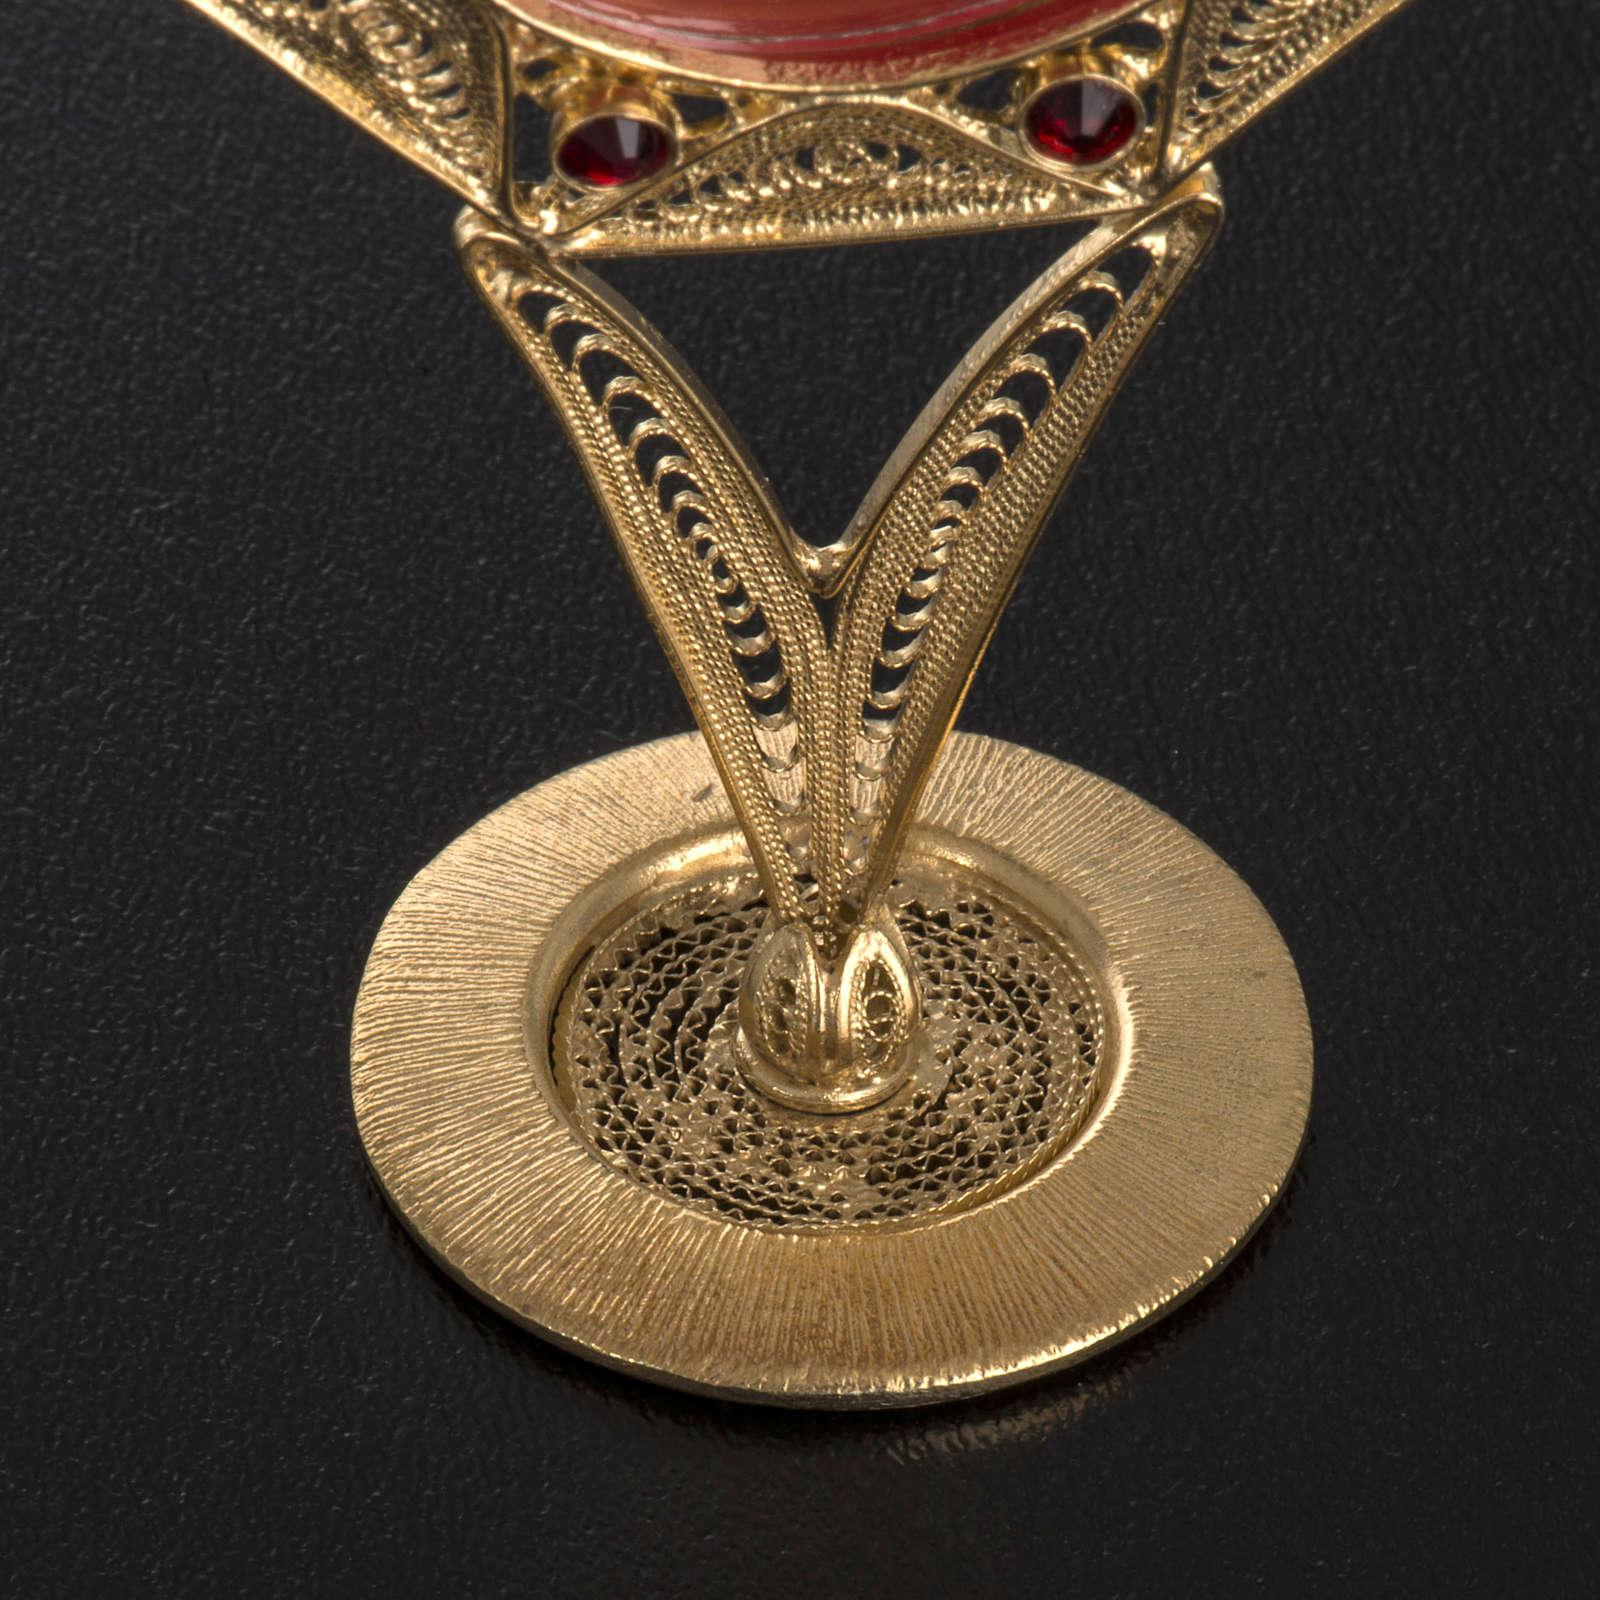 Reliquiario filigrana argento 800 dorato decori pietre rosse 4